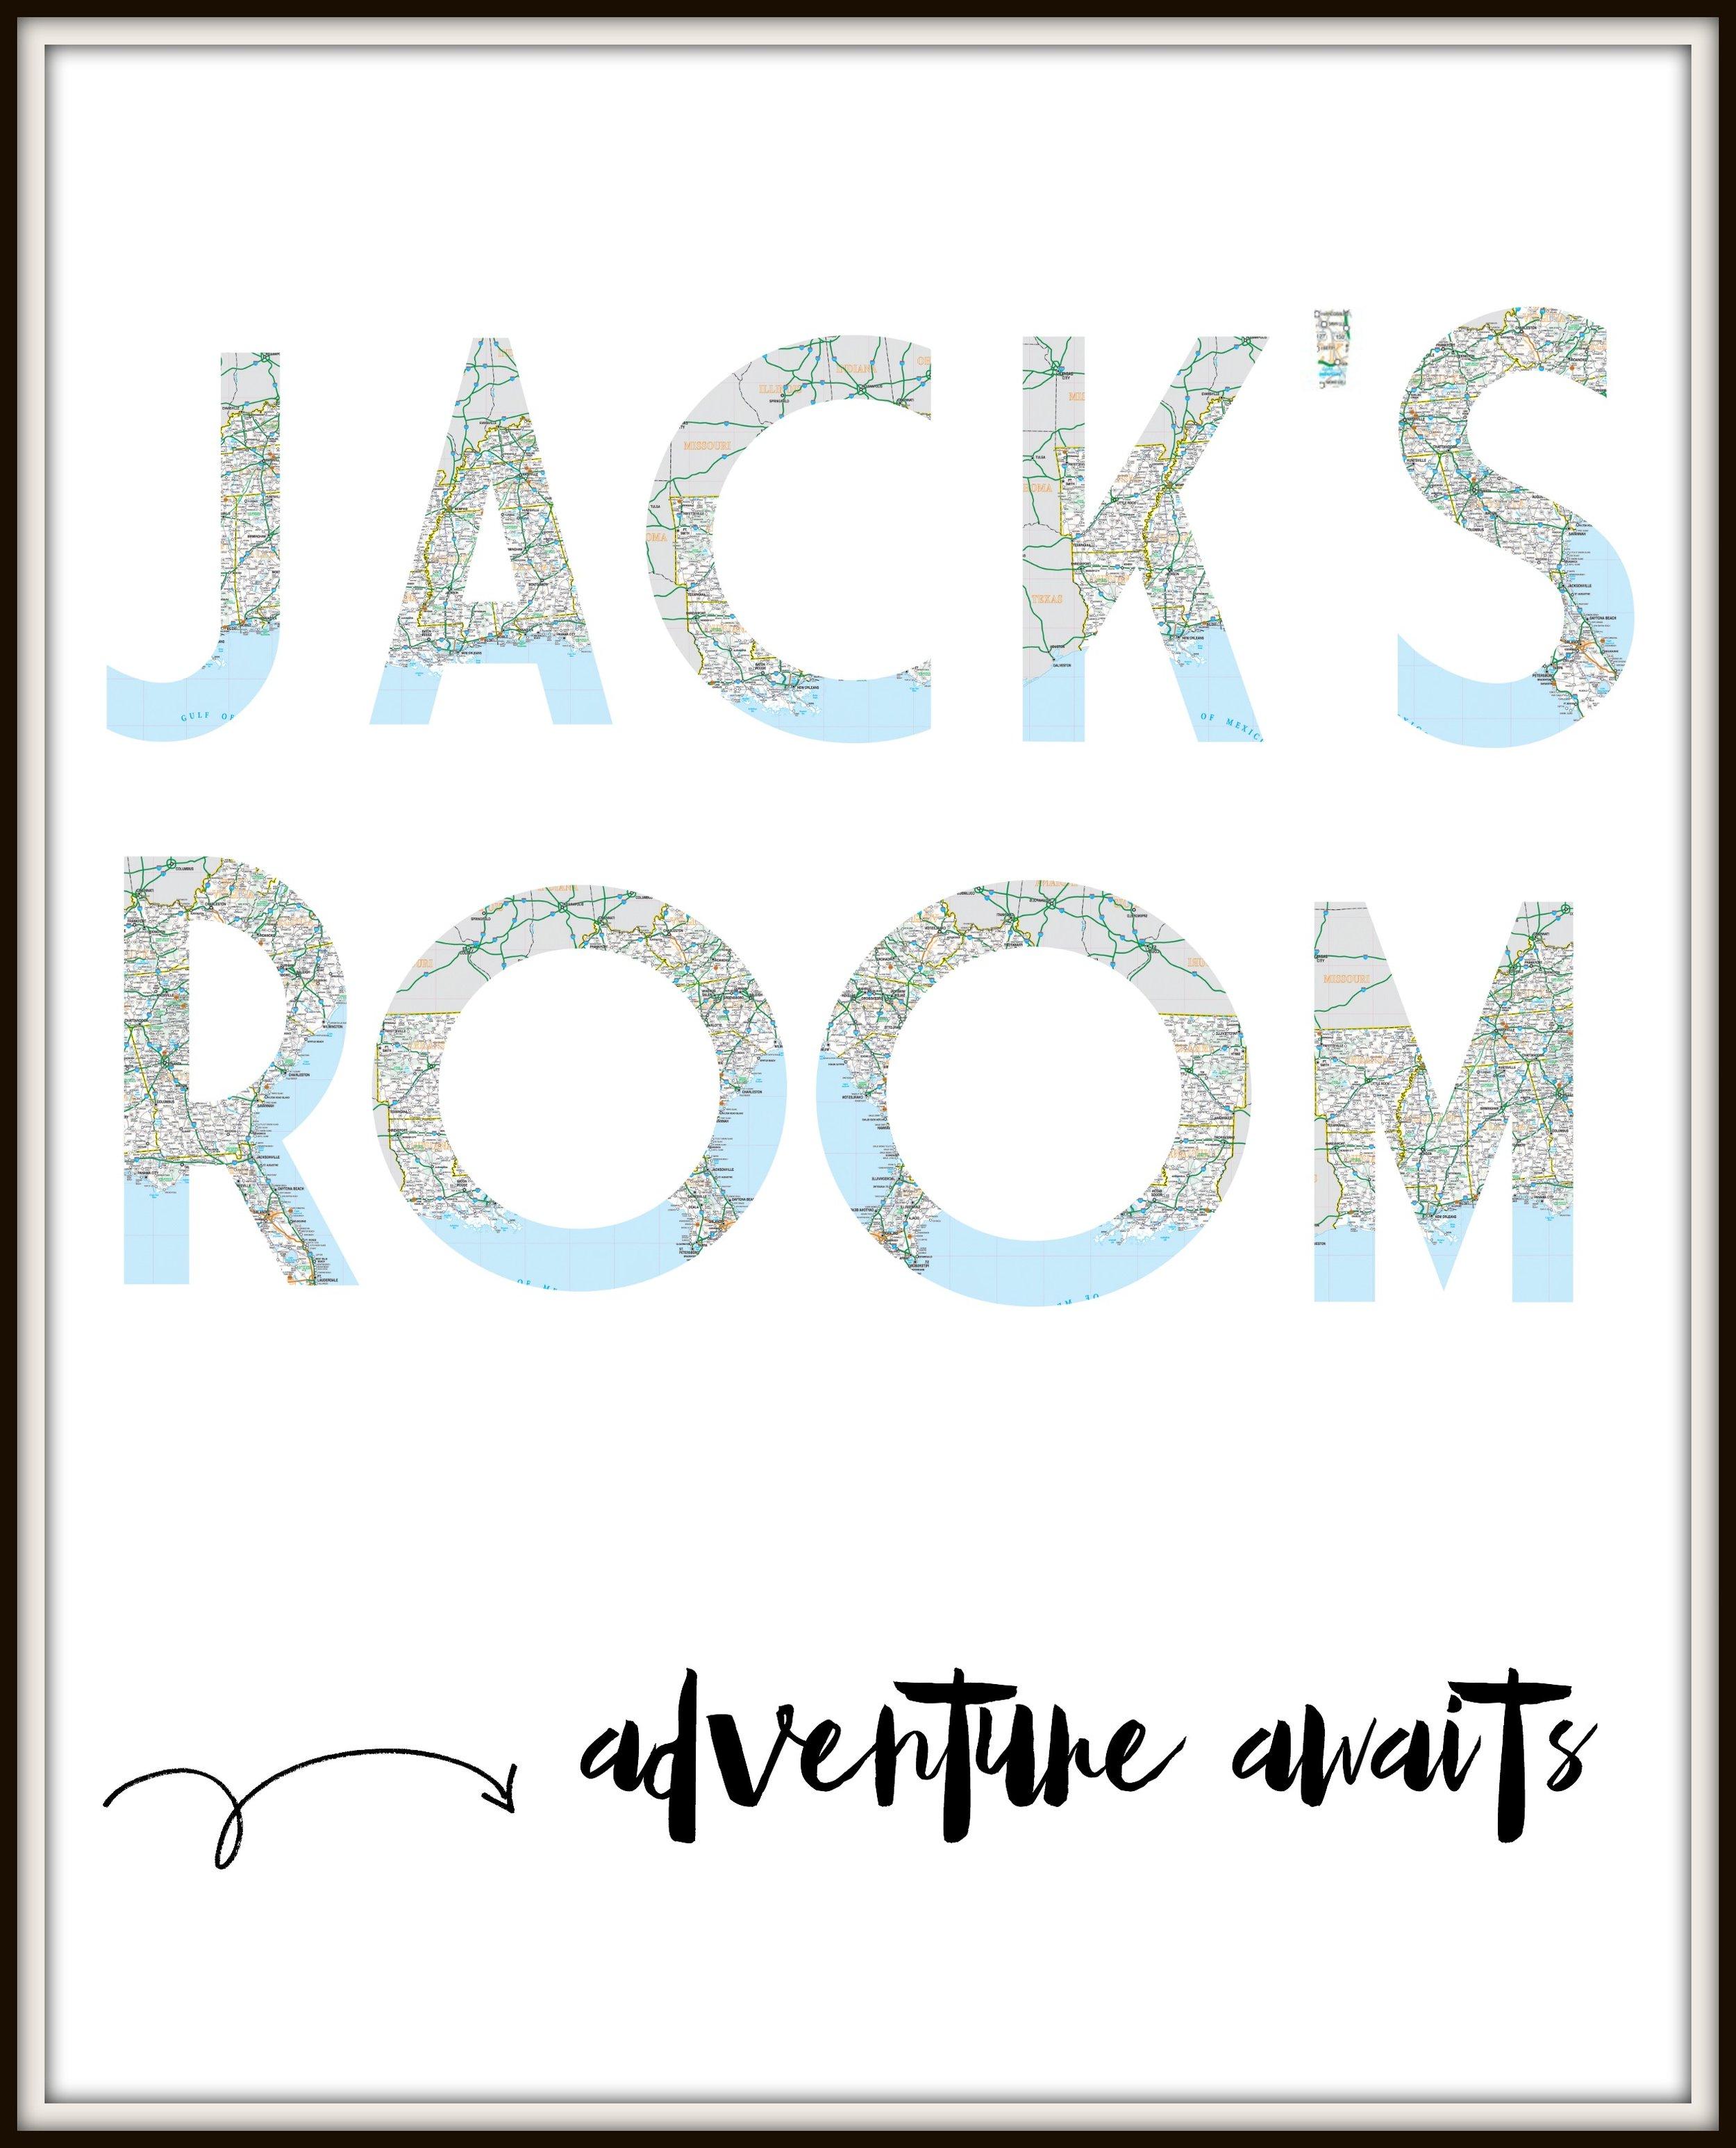 jacksroomframed